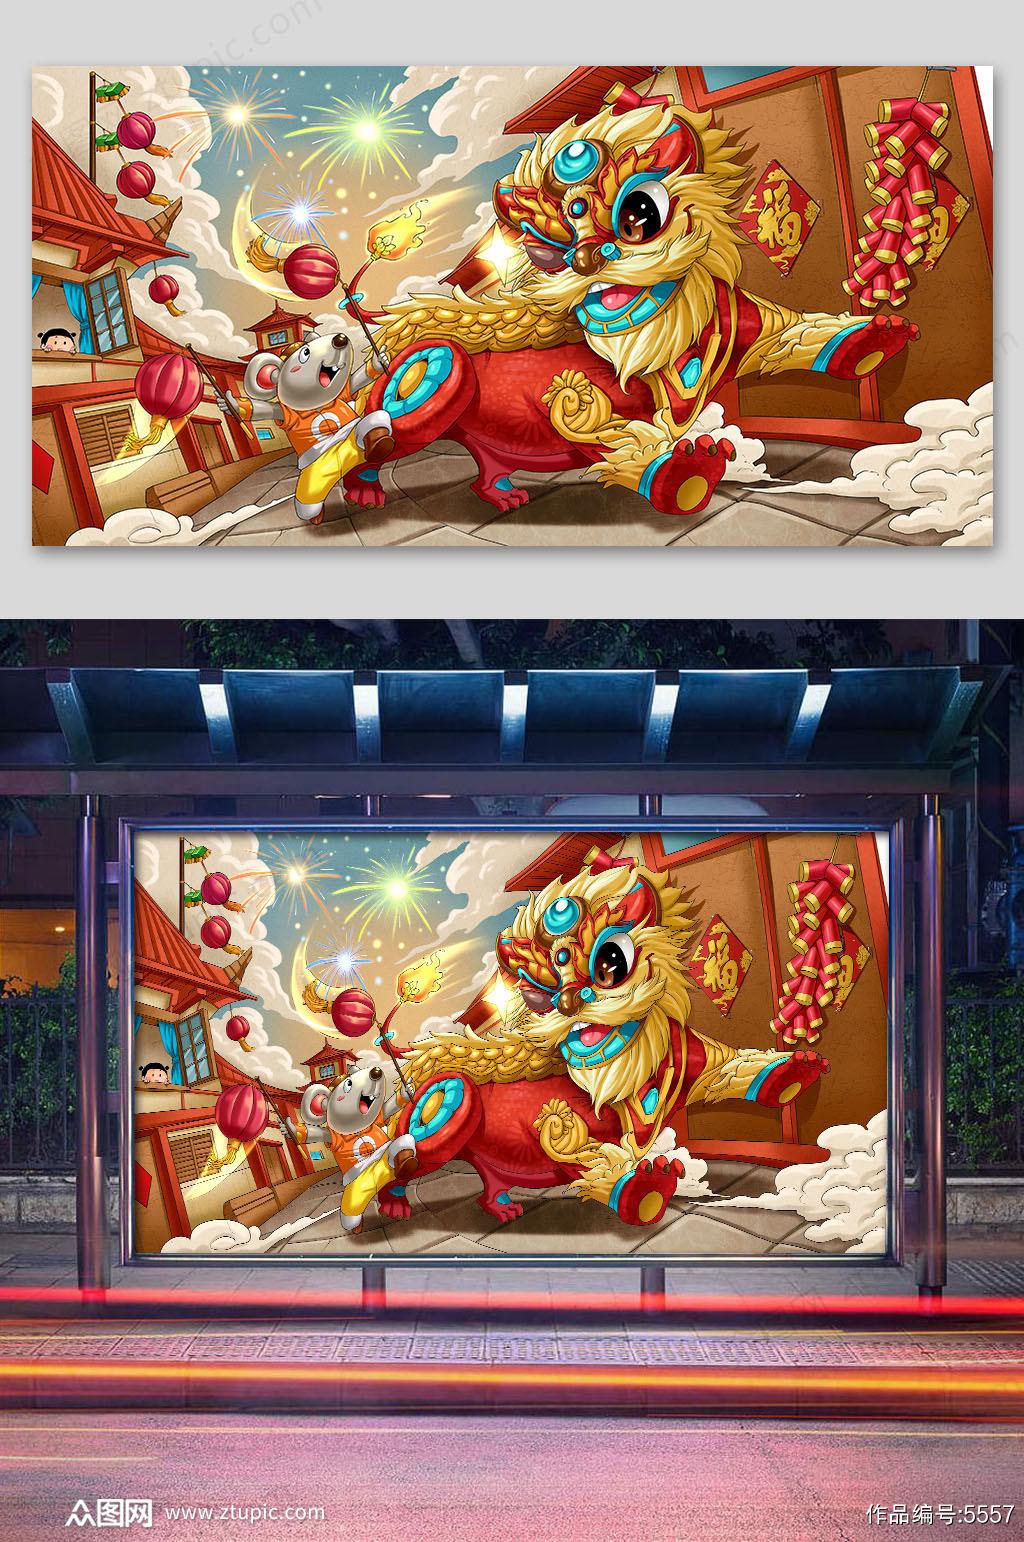 2020鼠年舞狮商业插画设计素材